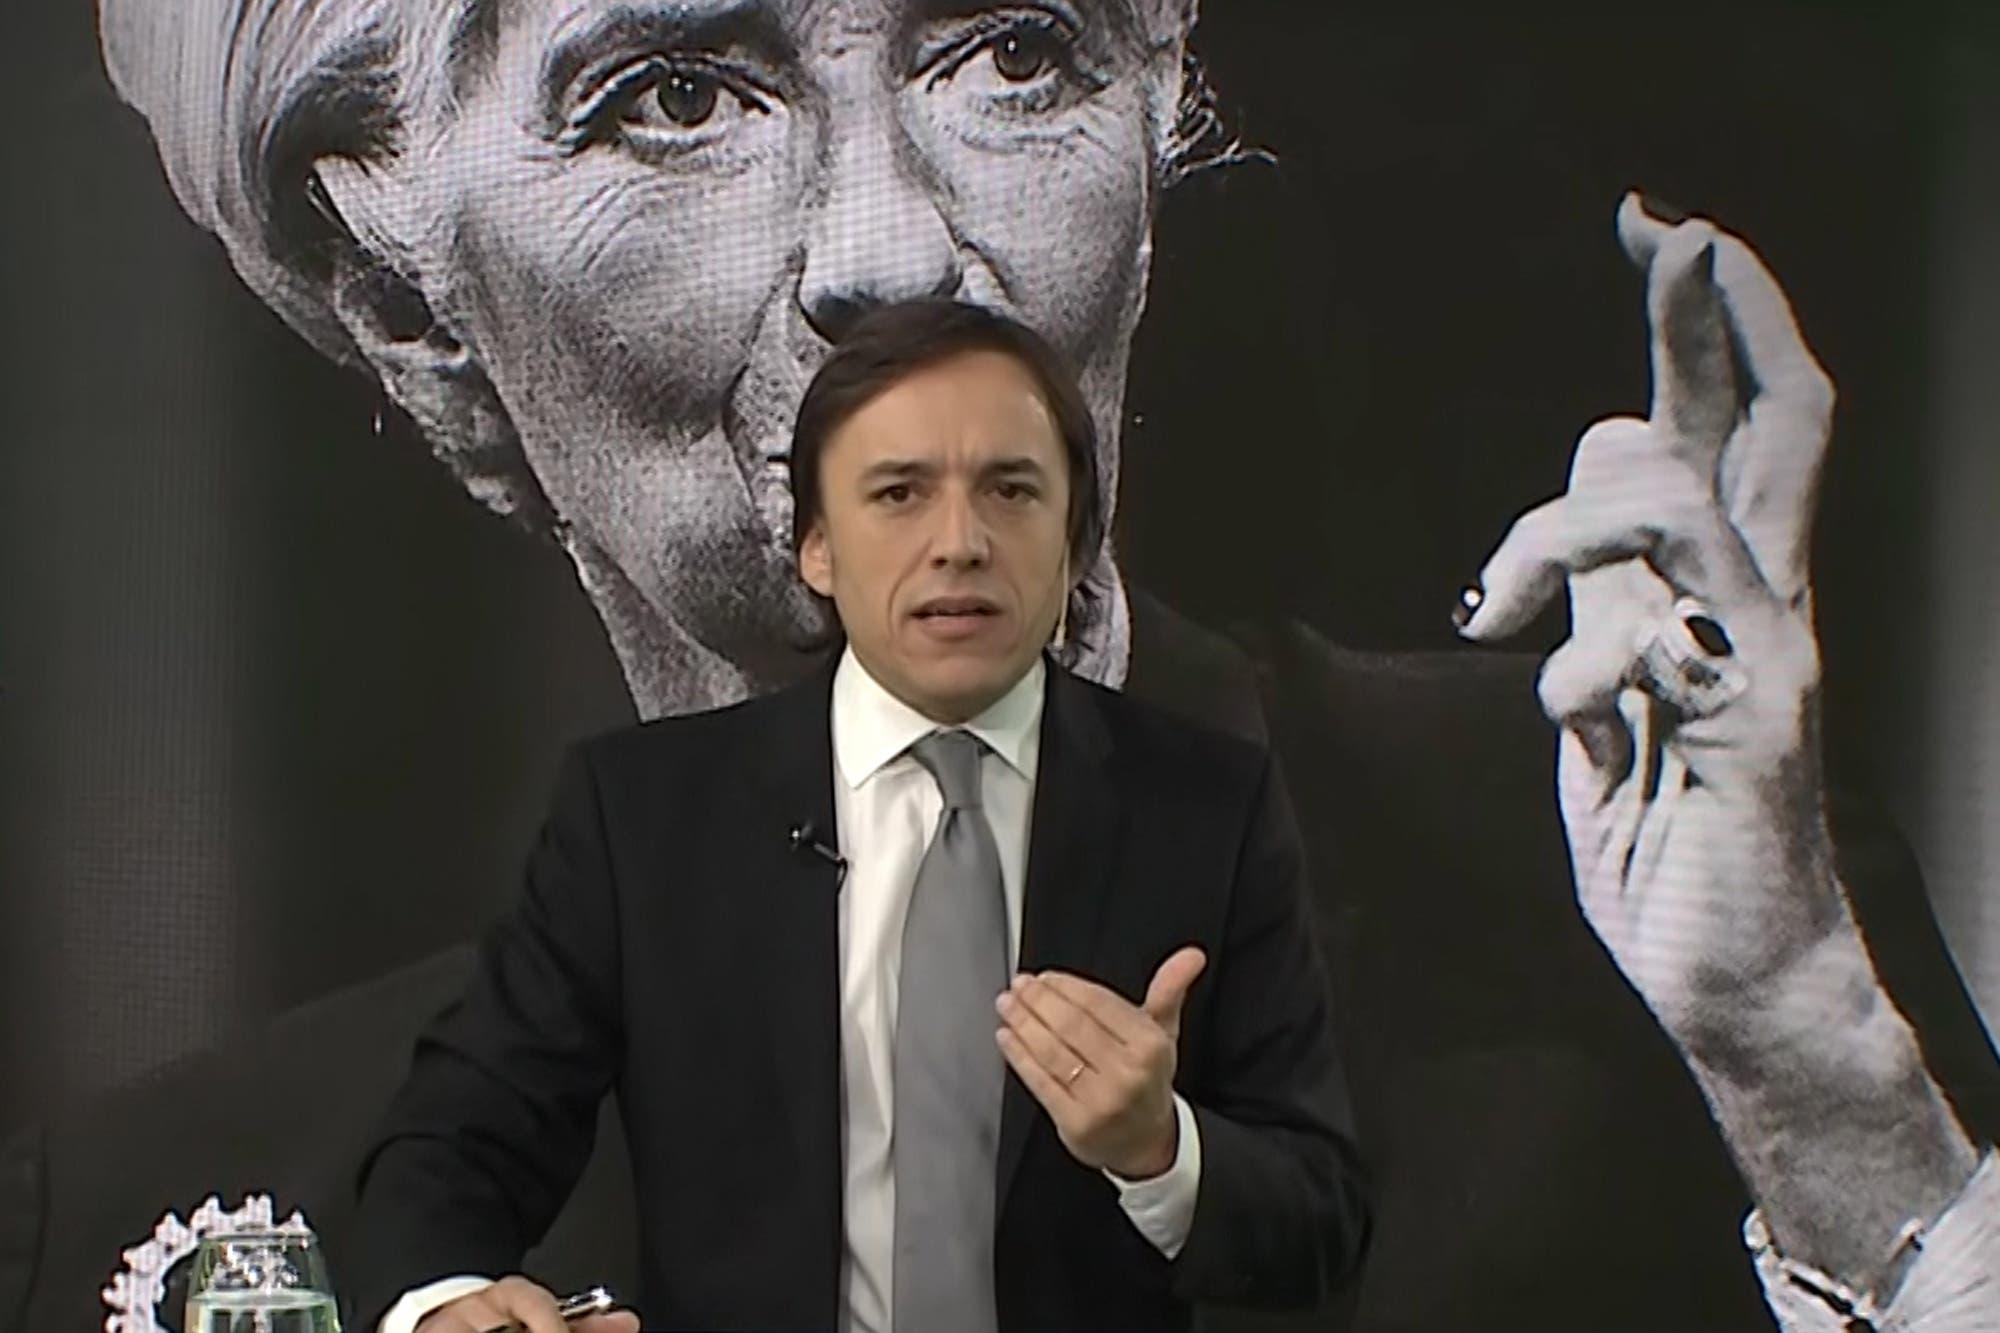 ATVC 2019: LN+ recibió 7 nominaciones a los premios que entrega la Asociación Argentina de Televisión por Cable